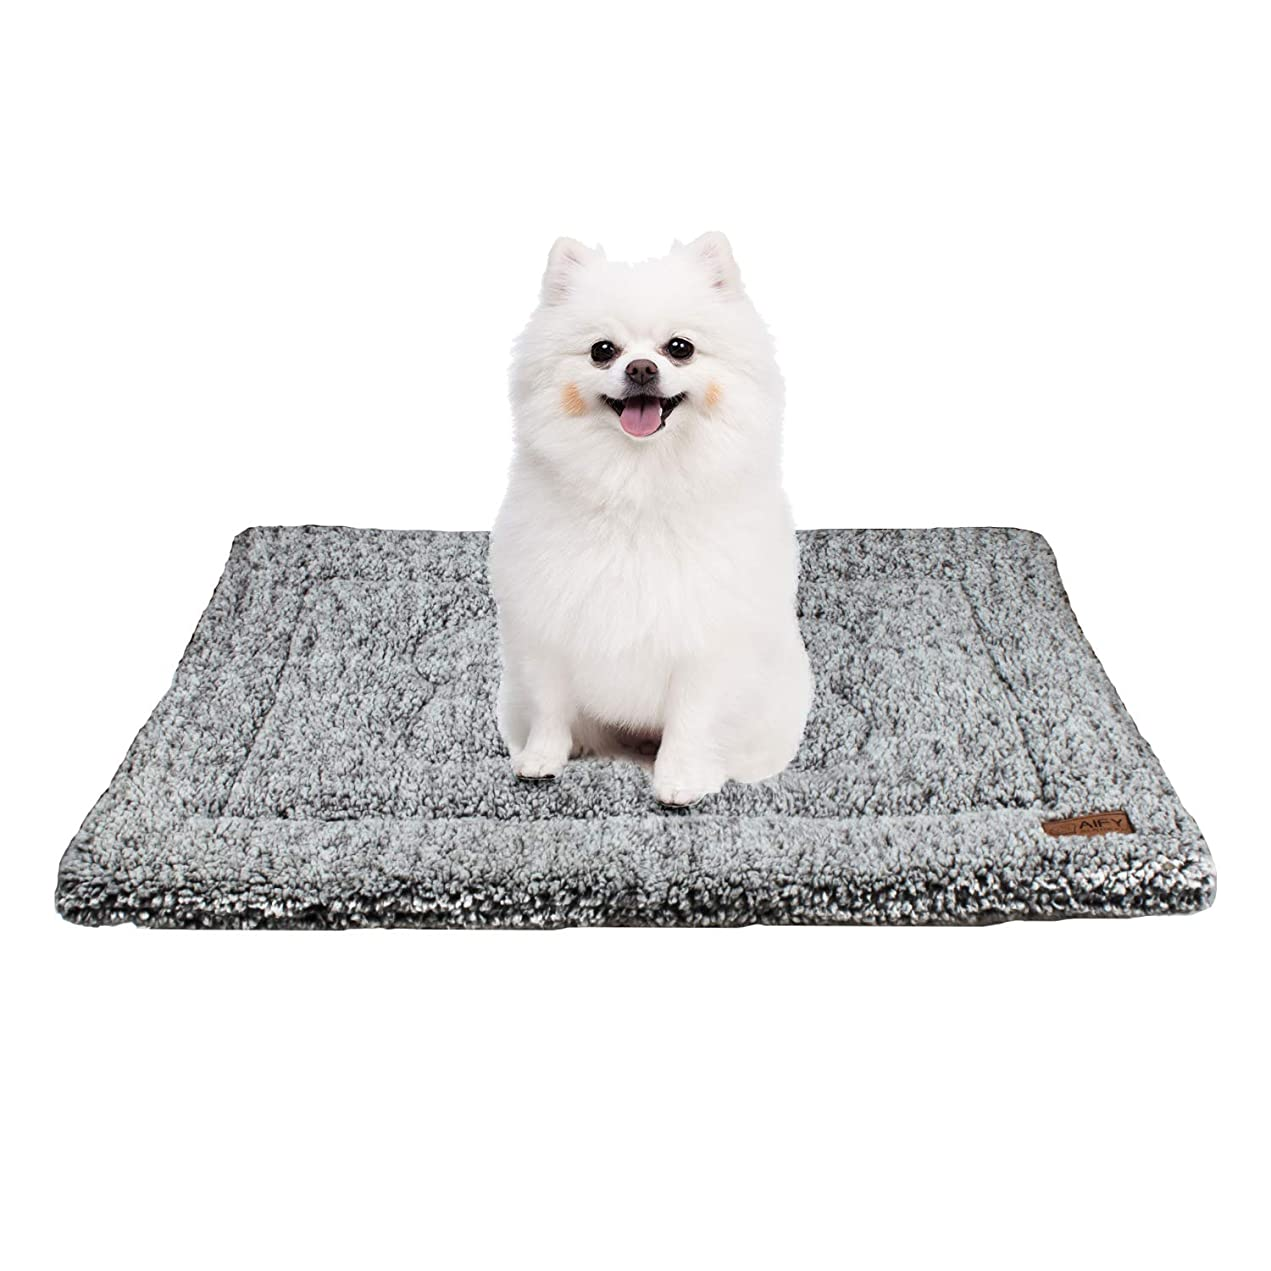 九時四十五分ベッツィトロットウッドアミューズメントAIFY ペットクッション 猫 犬 クッション ペット用 ベッド マット ボア生地 中型犬 猫用 犬クッションベッド おしゃれ 洗える かわいい ふわふわ ふかふか 通年 (M)